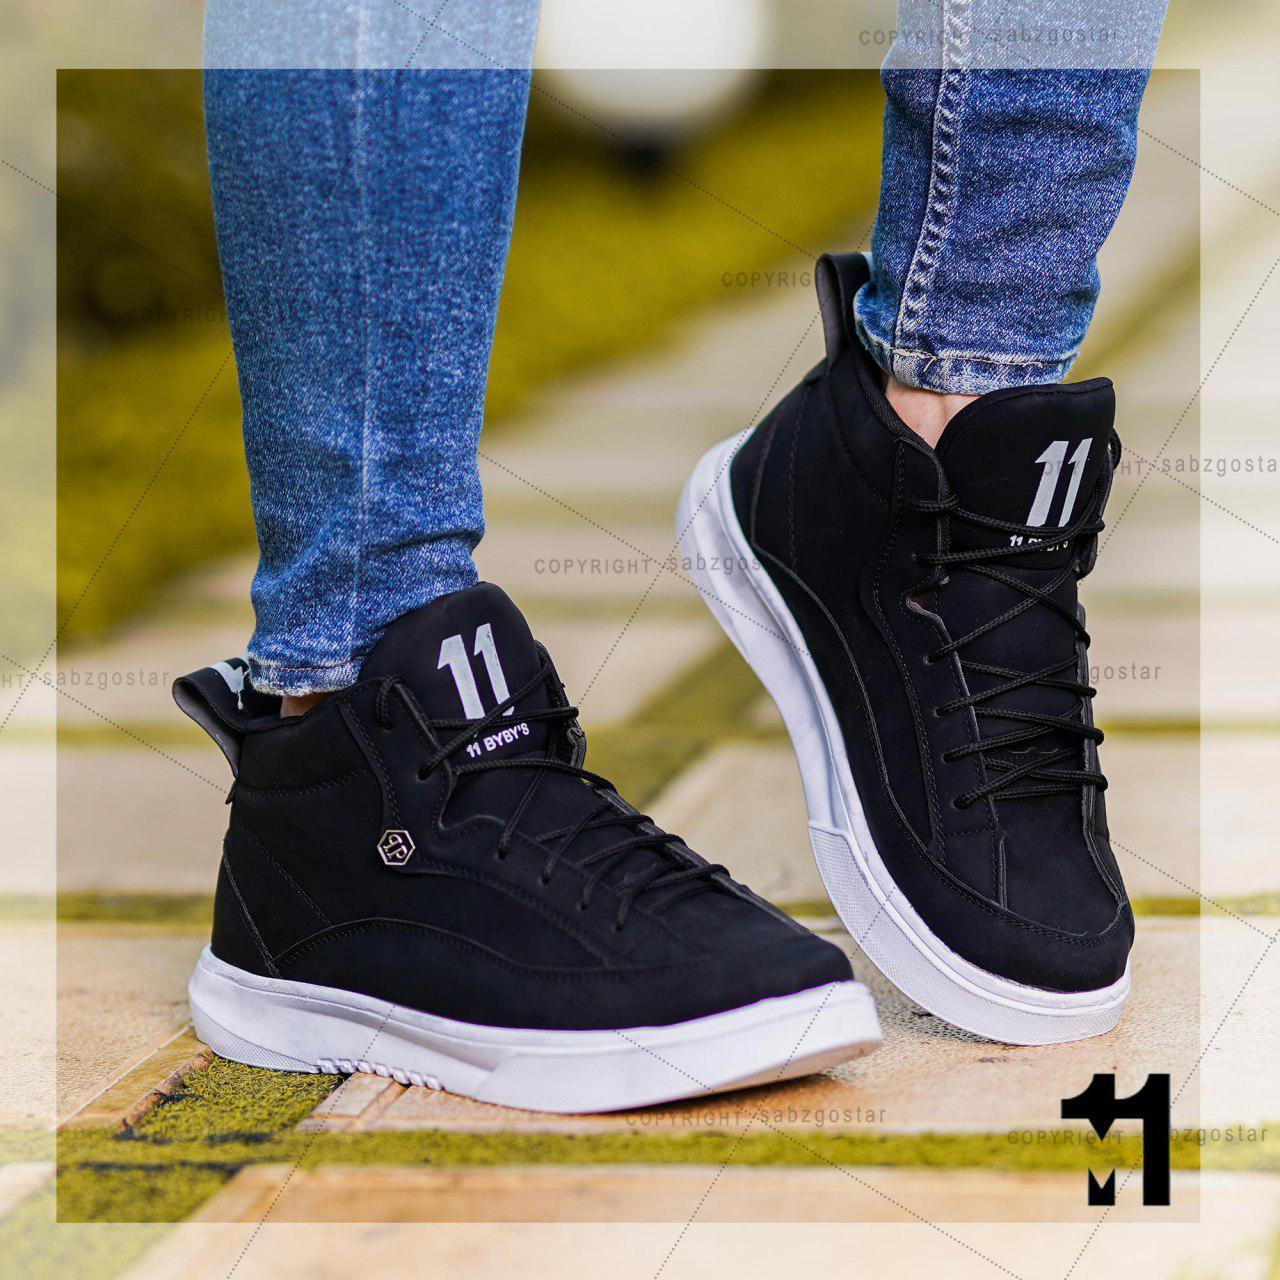 کفش ساقدار مردانه مدل Felz(مشکی)